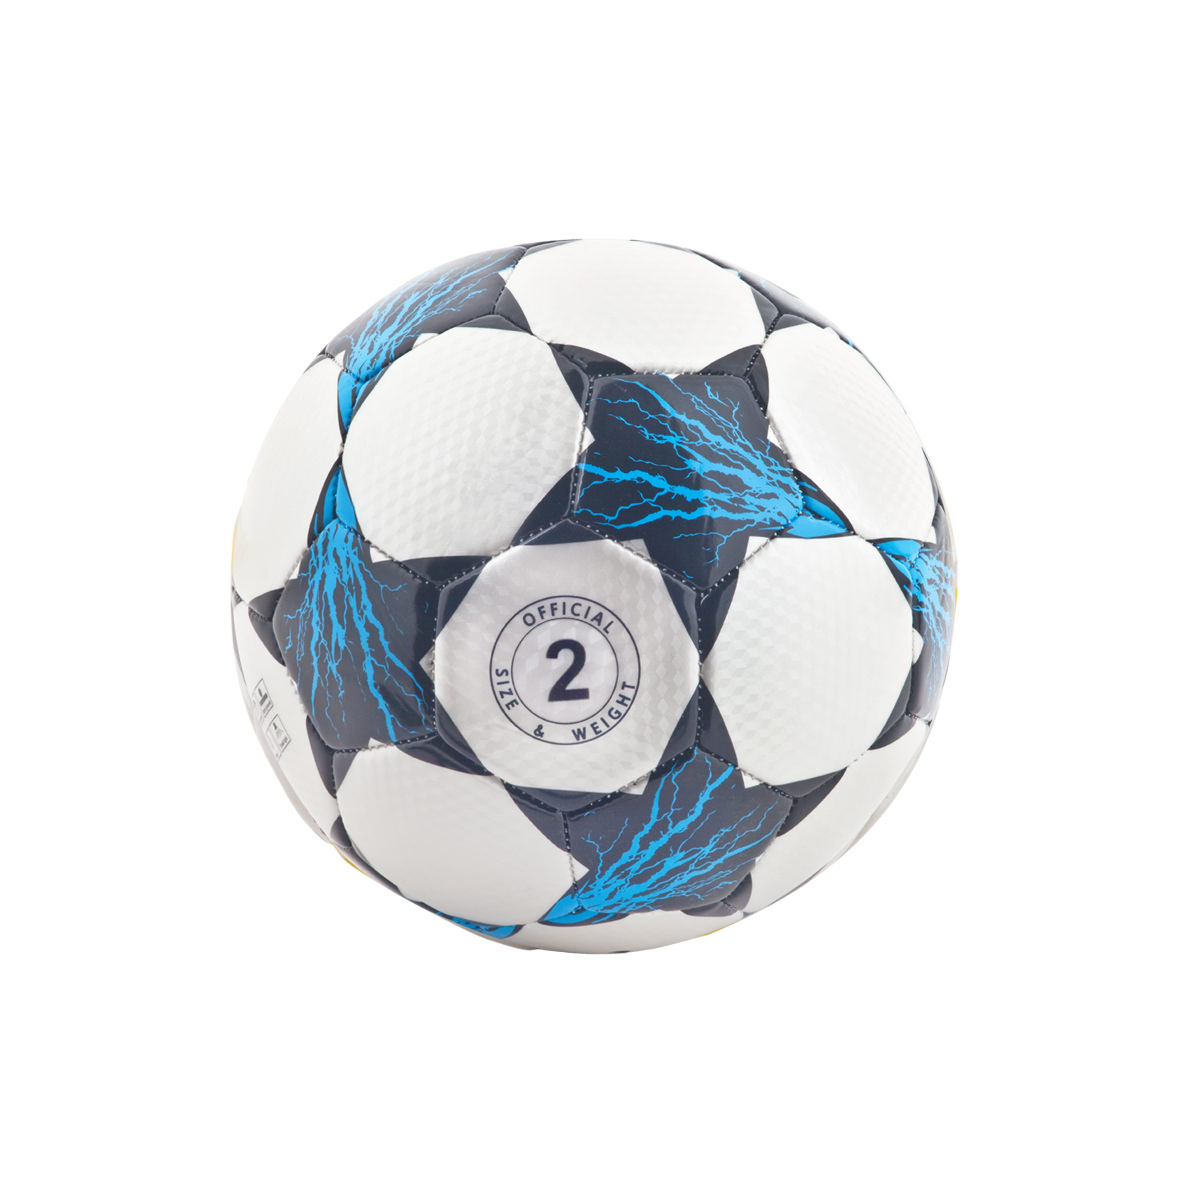 כדורגל ממותג – וינר 2